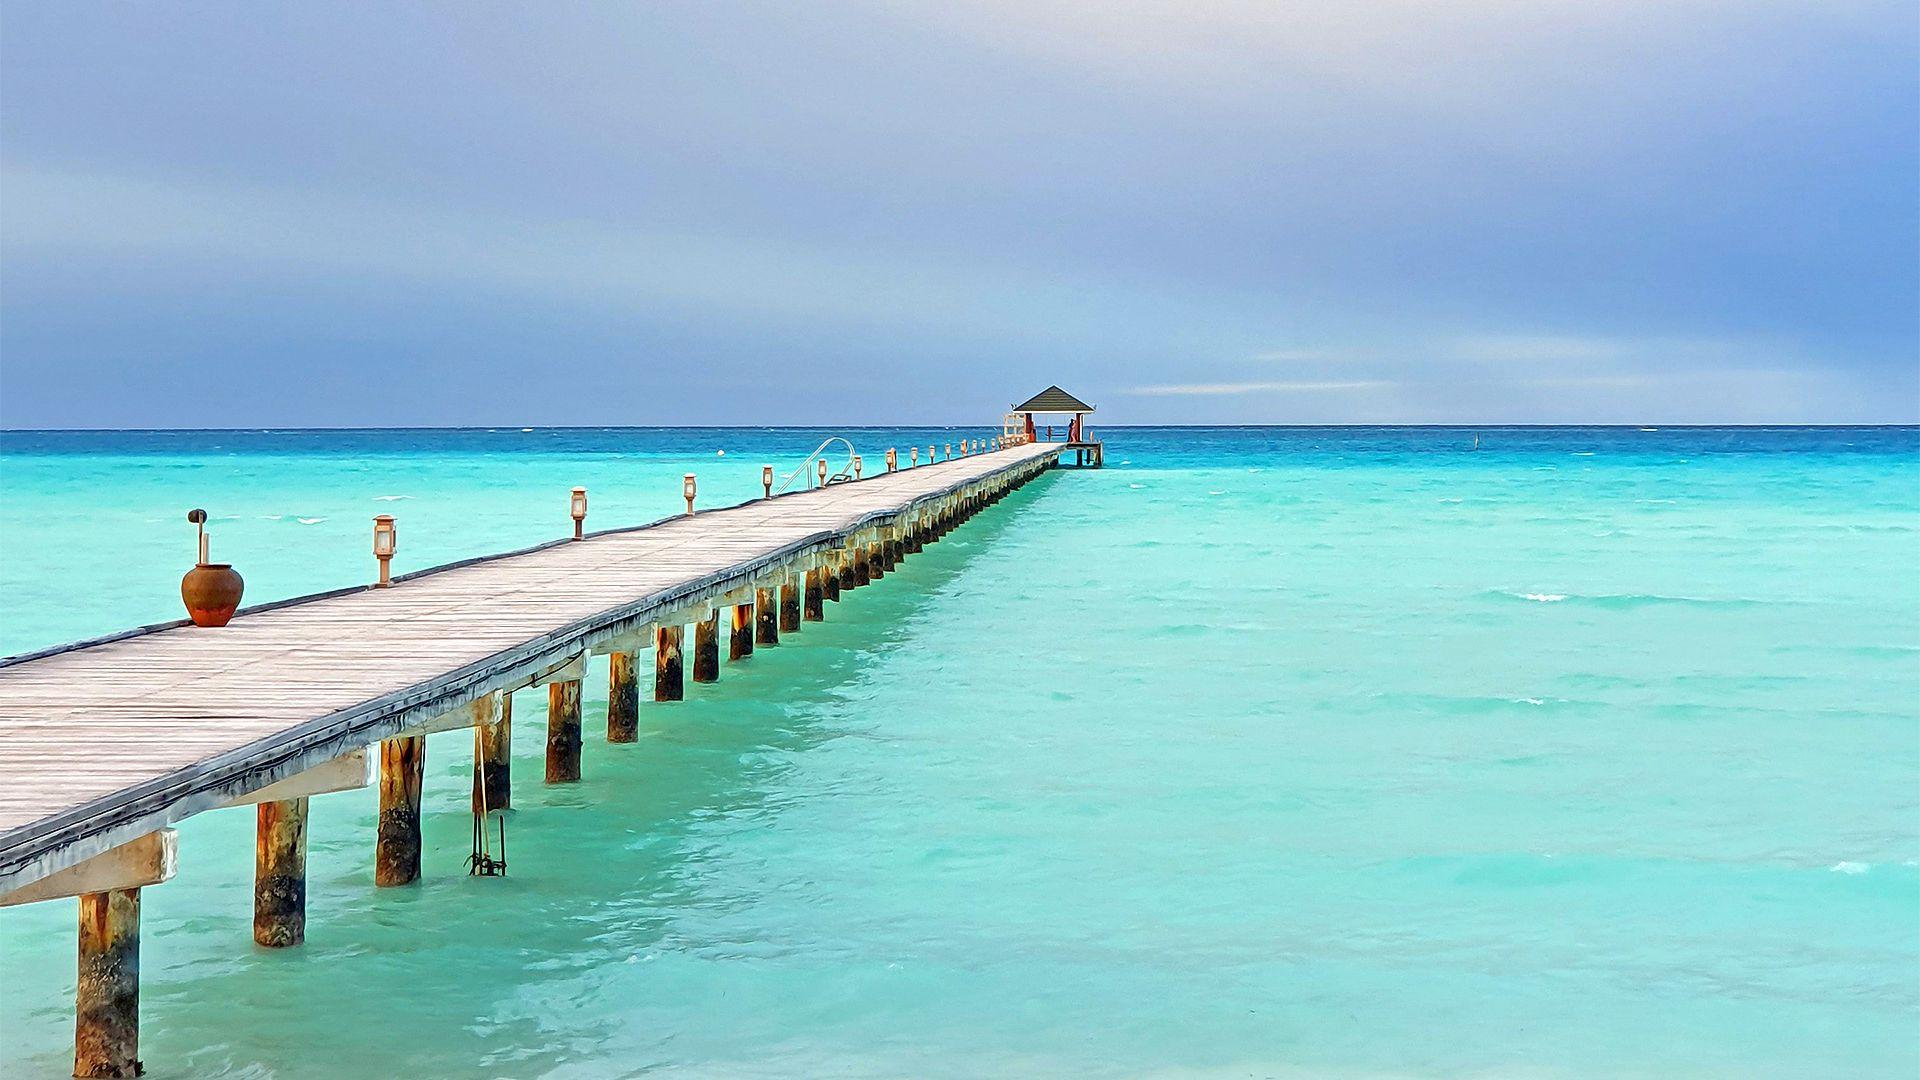 Sejur charter Maldive, 10 zile - noiembrie 2021